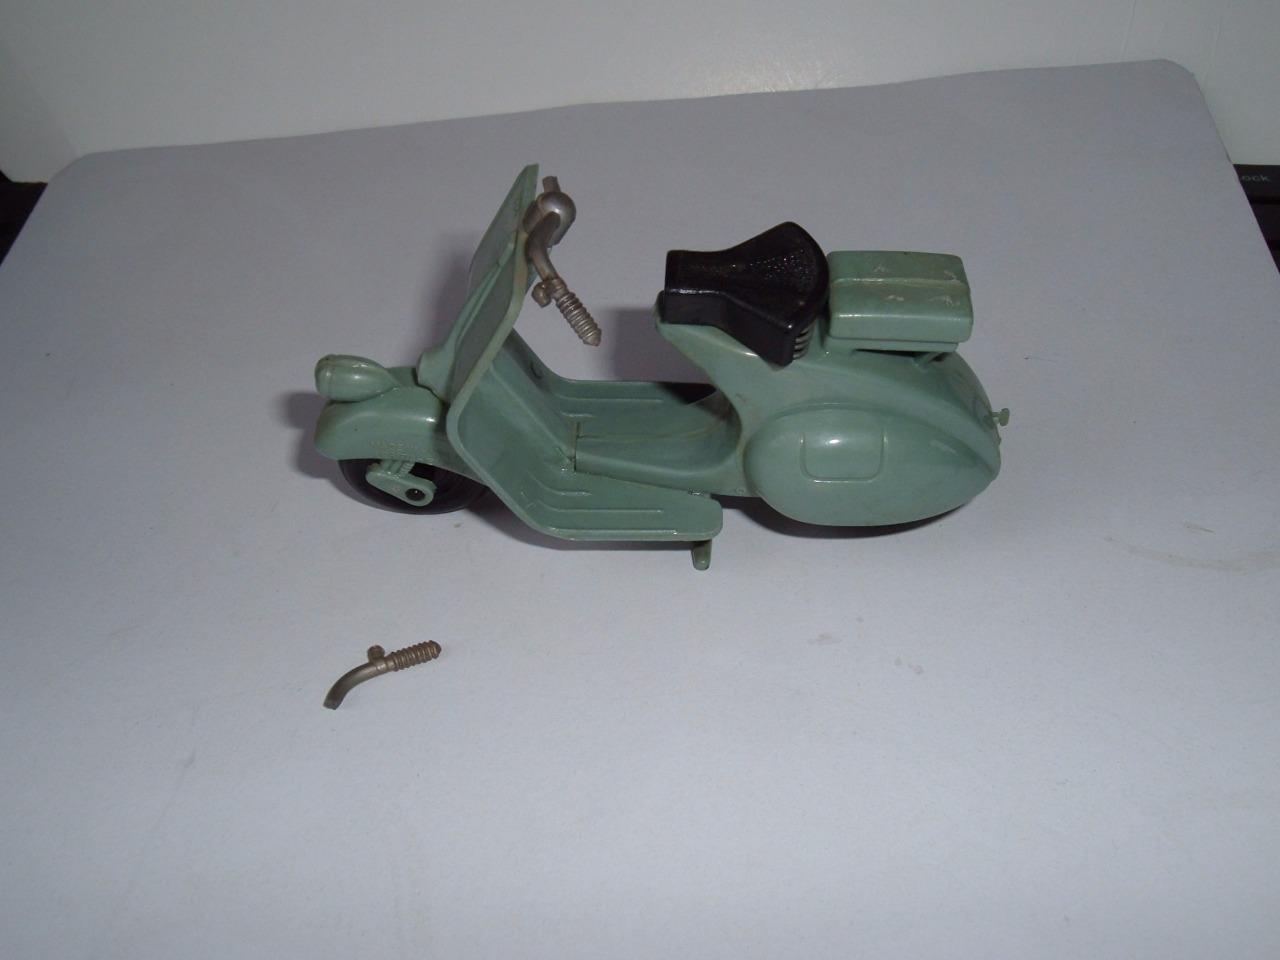 VESPA LAMBRETTA PLASTIC SCOOTER CLM HITECH 1 18 1950'S COMPLETE ZIP